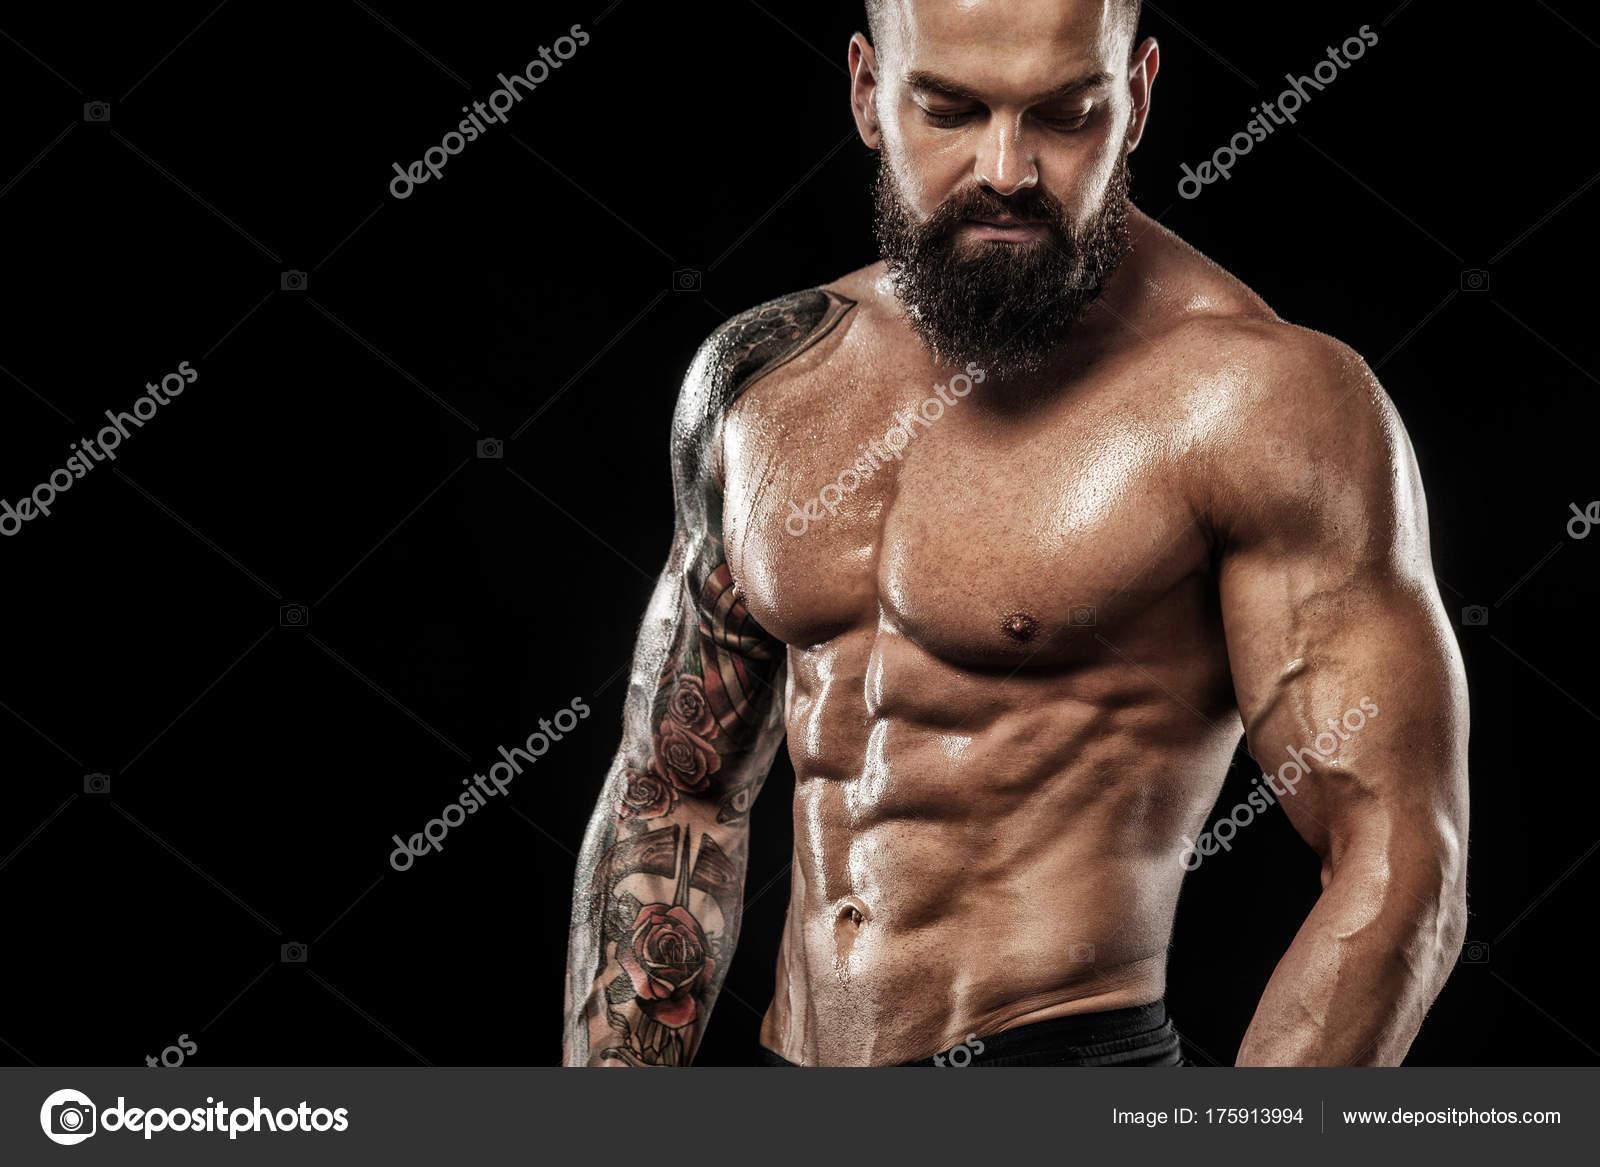 Bel Homme Fit Se Présentant Vêtu En Jeans Avec Tatouage Sport Et